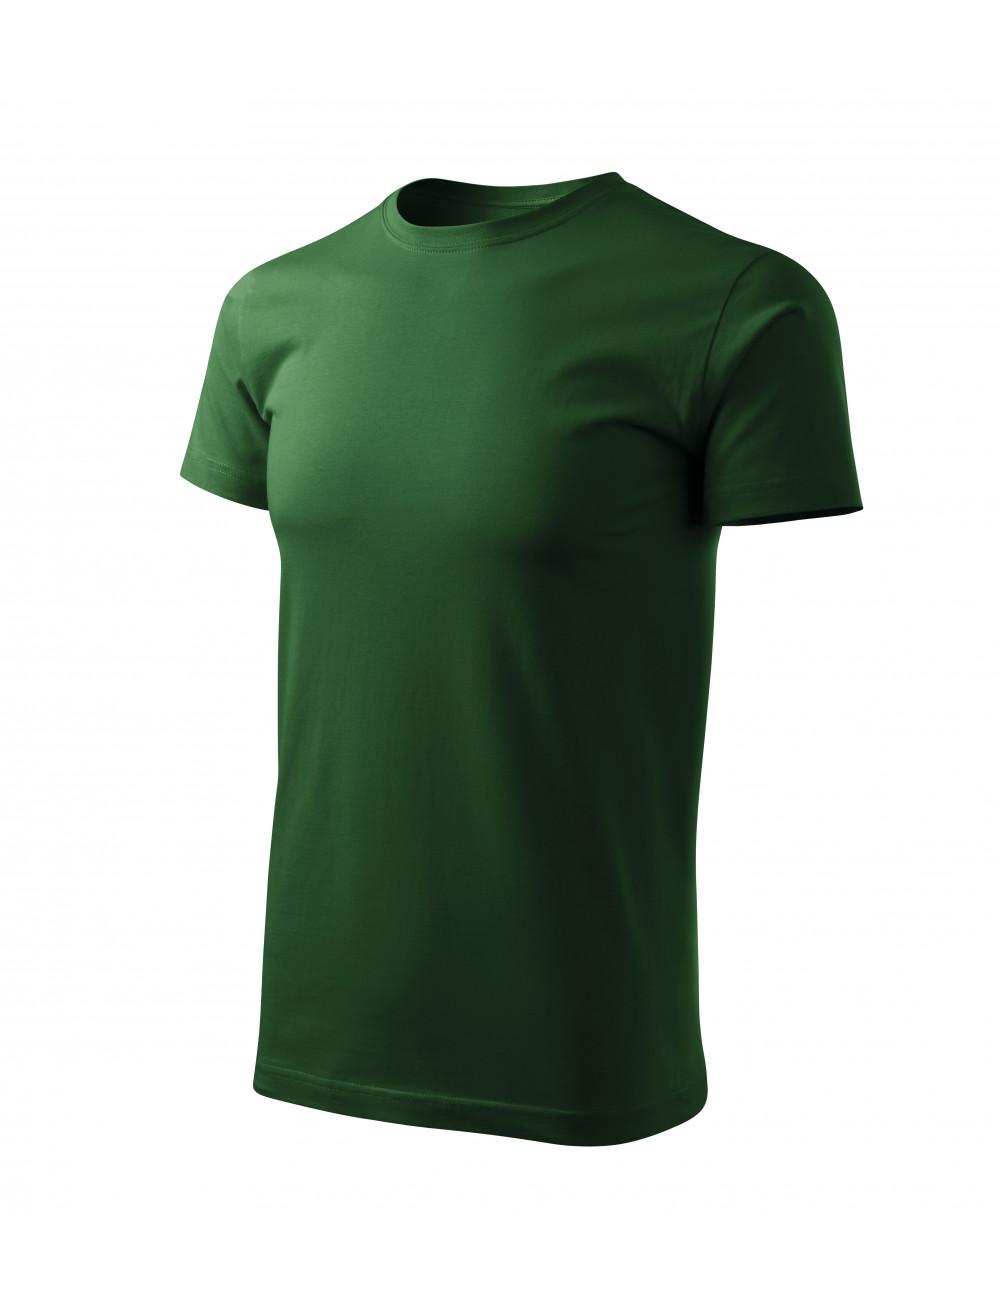 Adler MALFINI Koszulka męska Basic Free F29 zieleń butelkowa